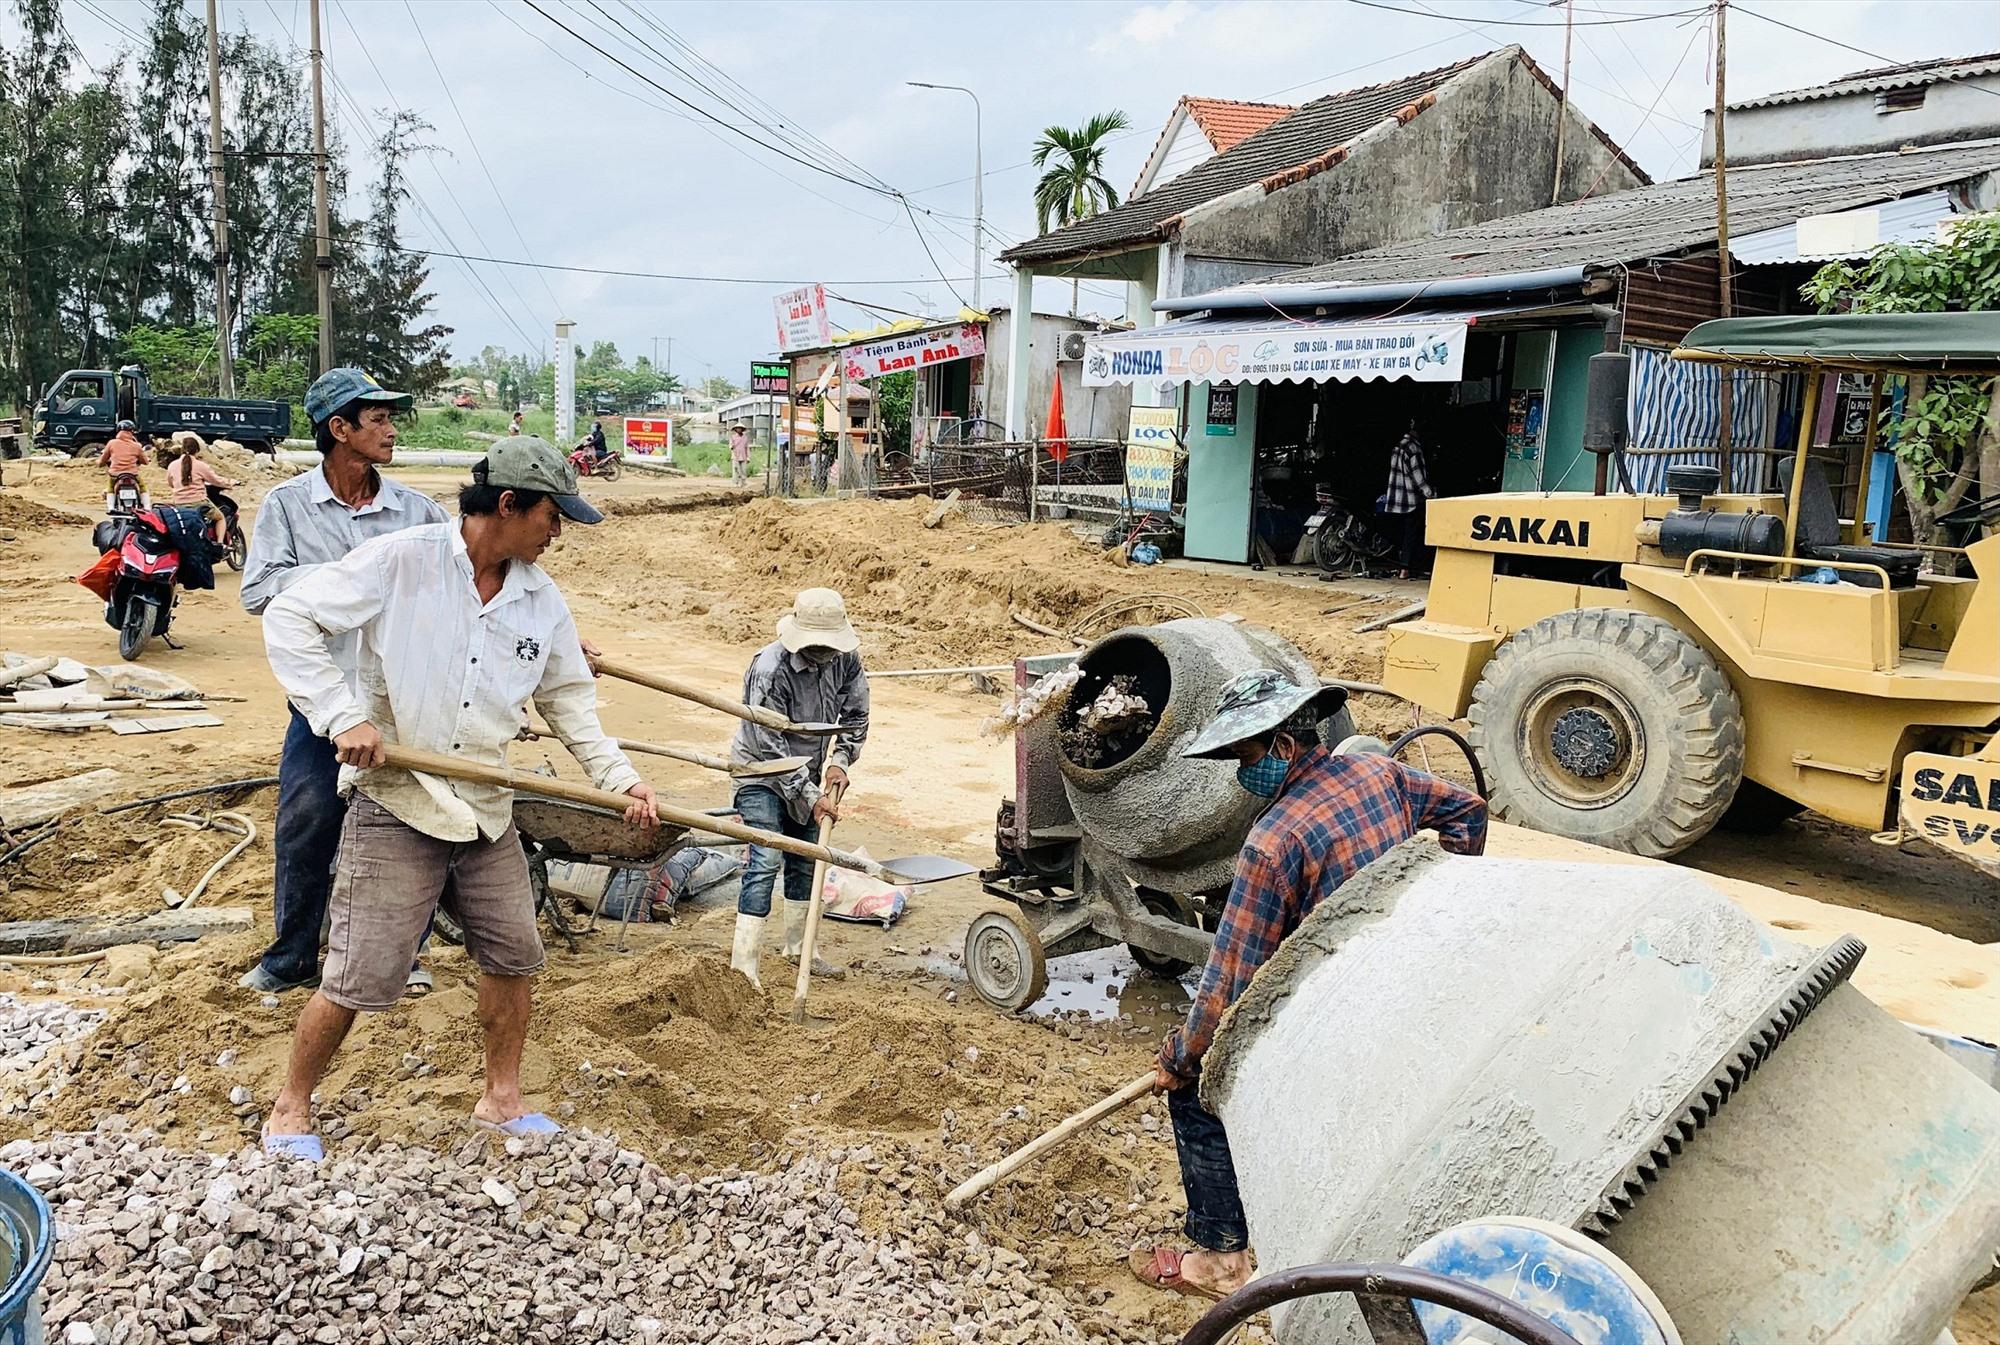 """Nhờ """"dân vận khéo"""", người dân Duy Xuyên tự nguyện hiến đất tạo điều kiện xây dựng hạ tầng nông thôn. Ảnh: T.P"""